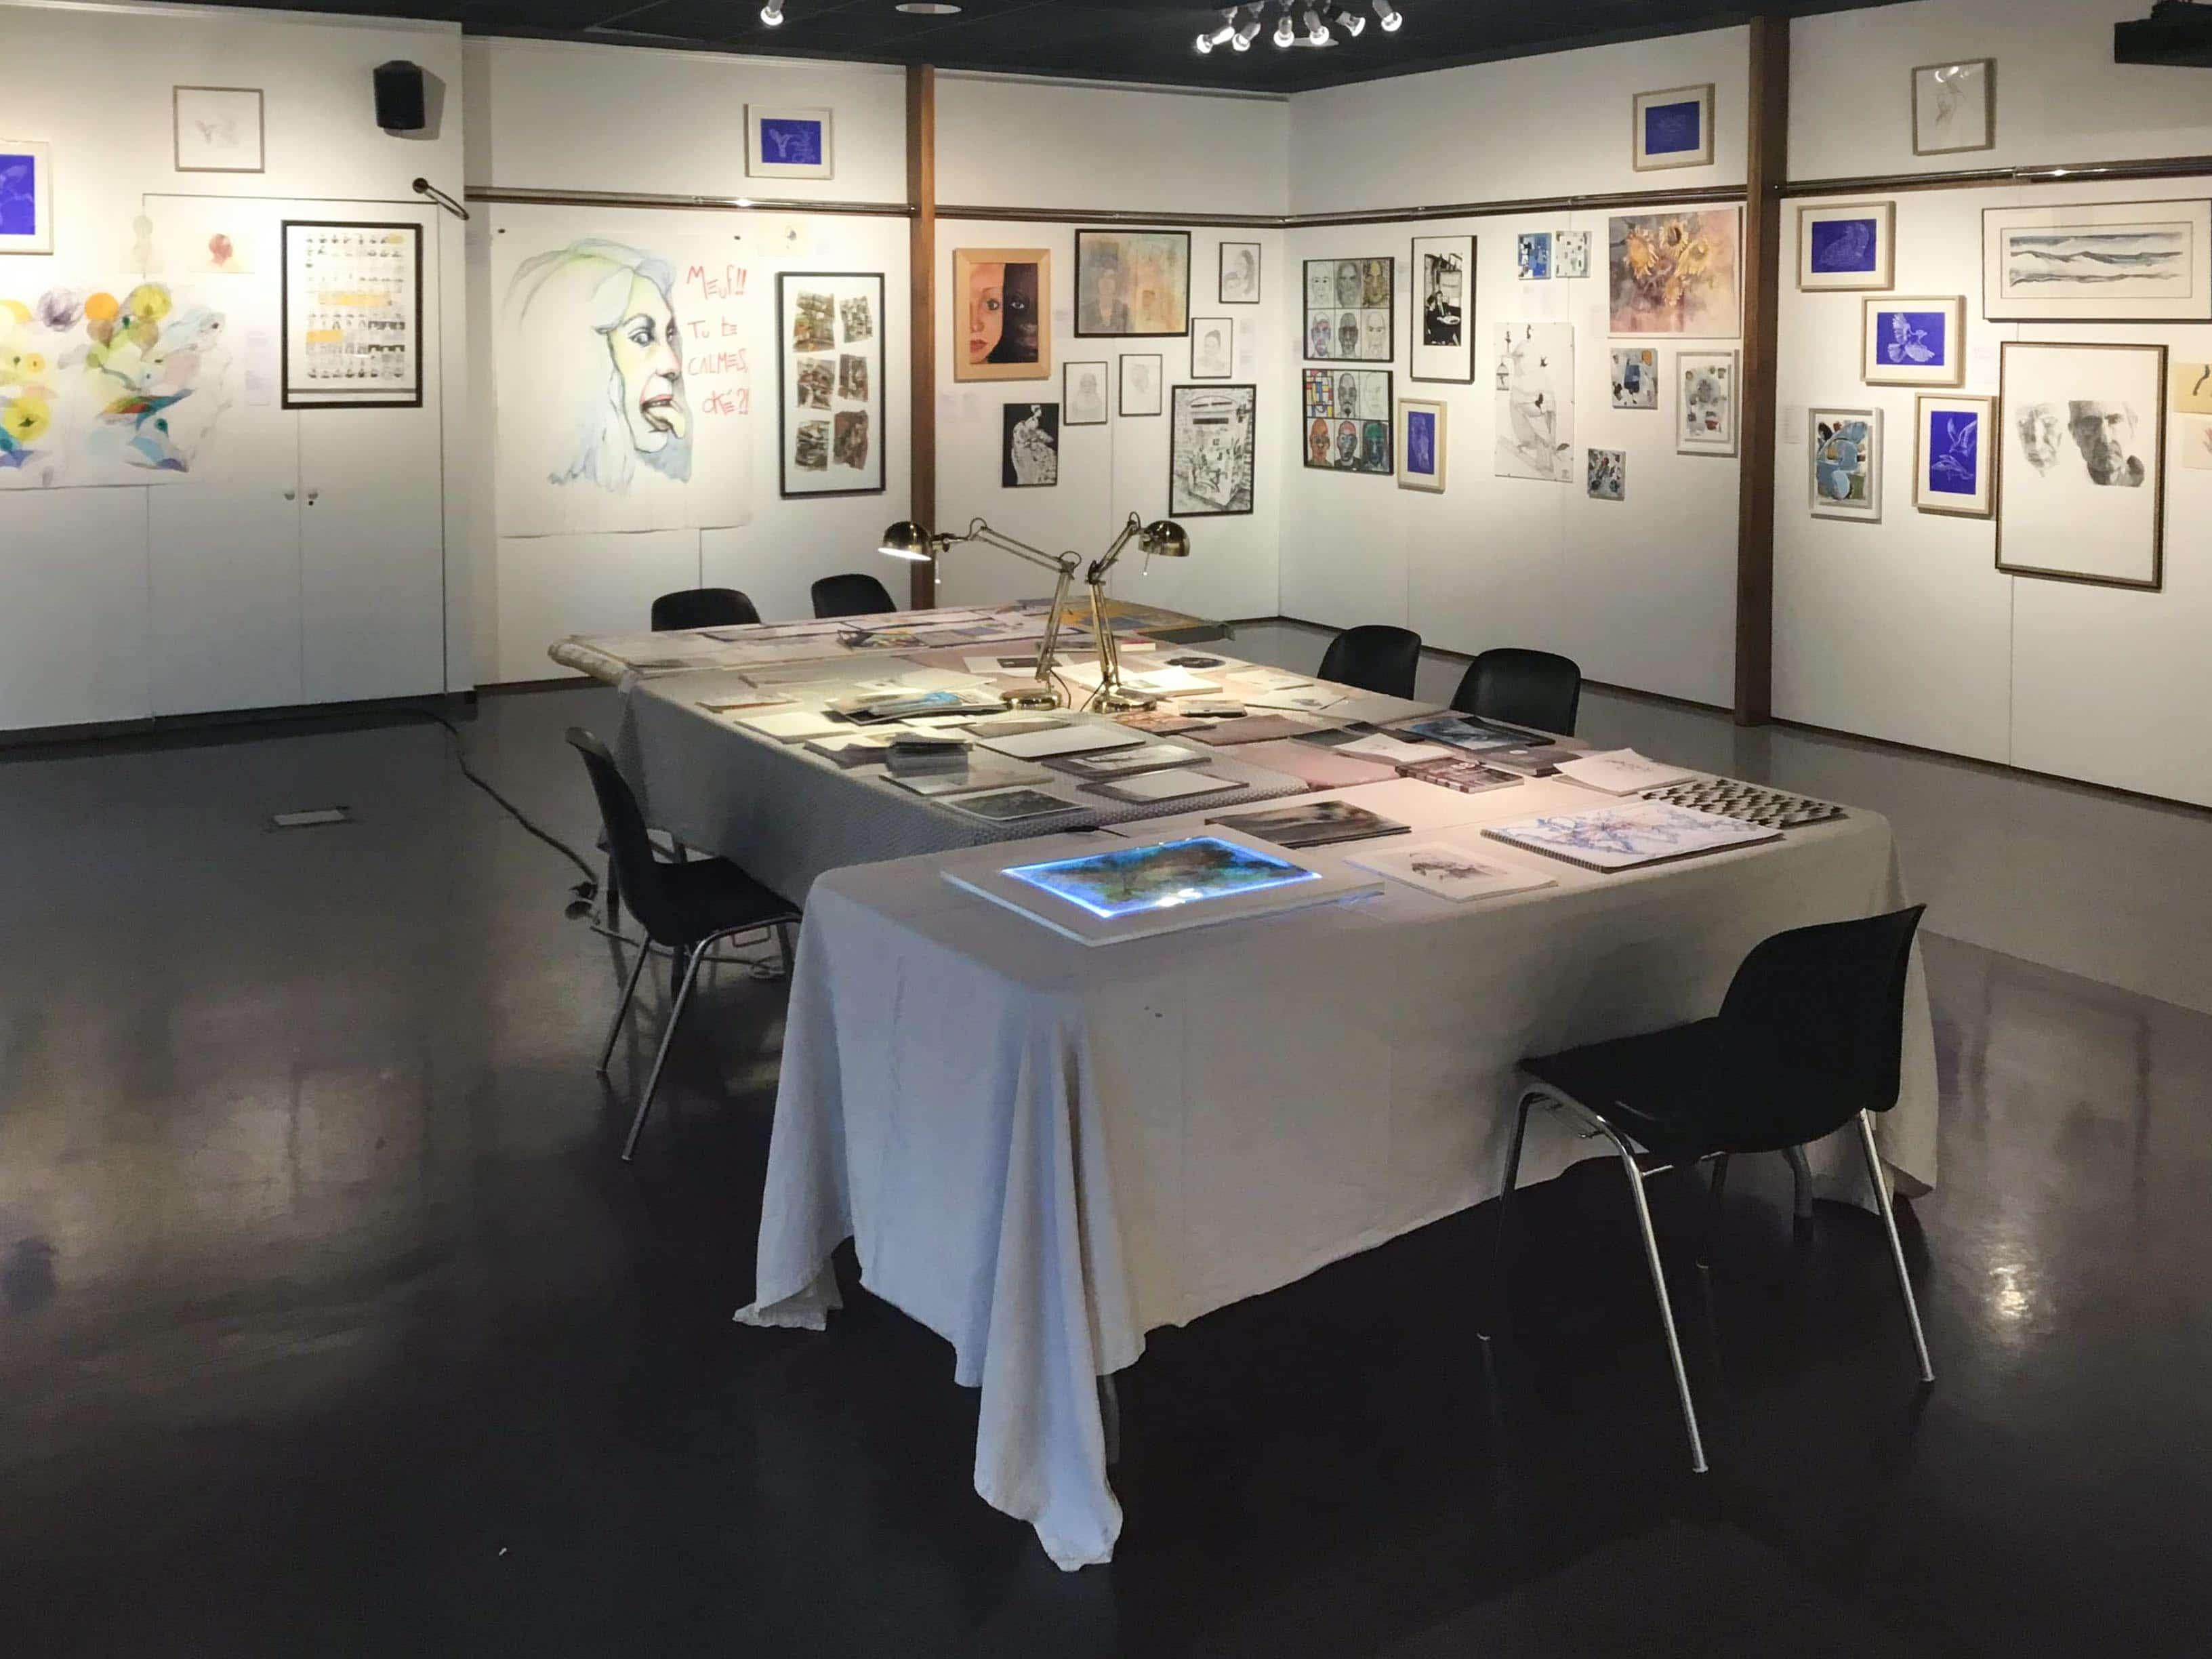 Exposition <i>Dessin(s)</i>, cours adultes de Quentin Jouret, Centre Culturel Alban Minville, février 2020. Photographie © Quentin Jouret